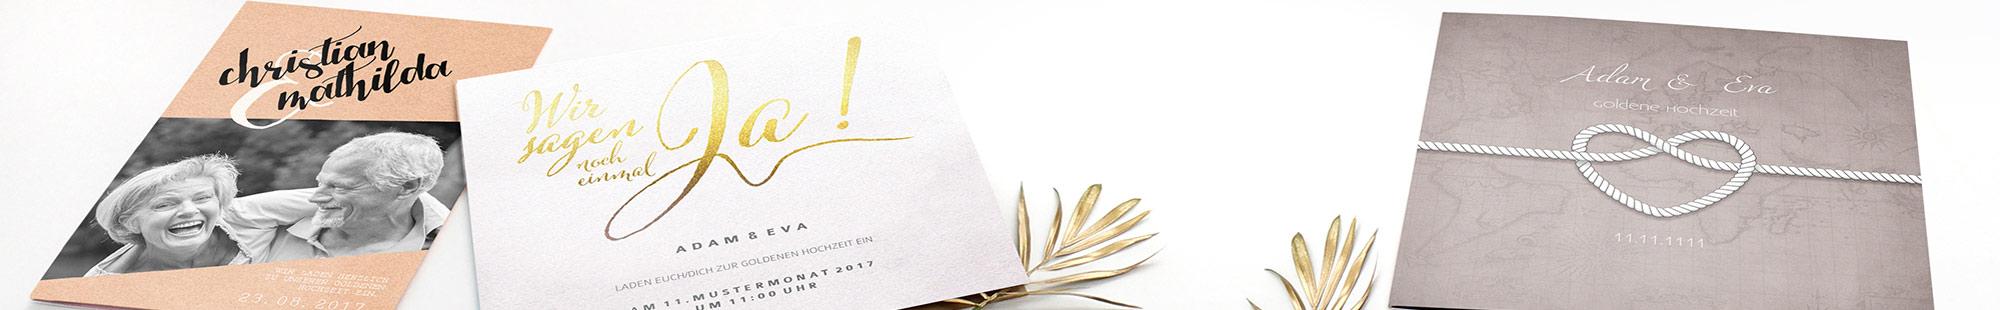 Zur Goldenen Hochzeit Einladungskarten